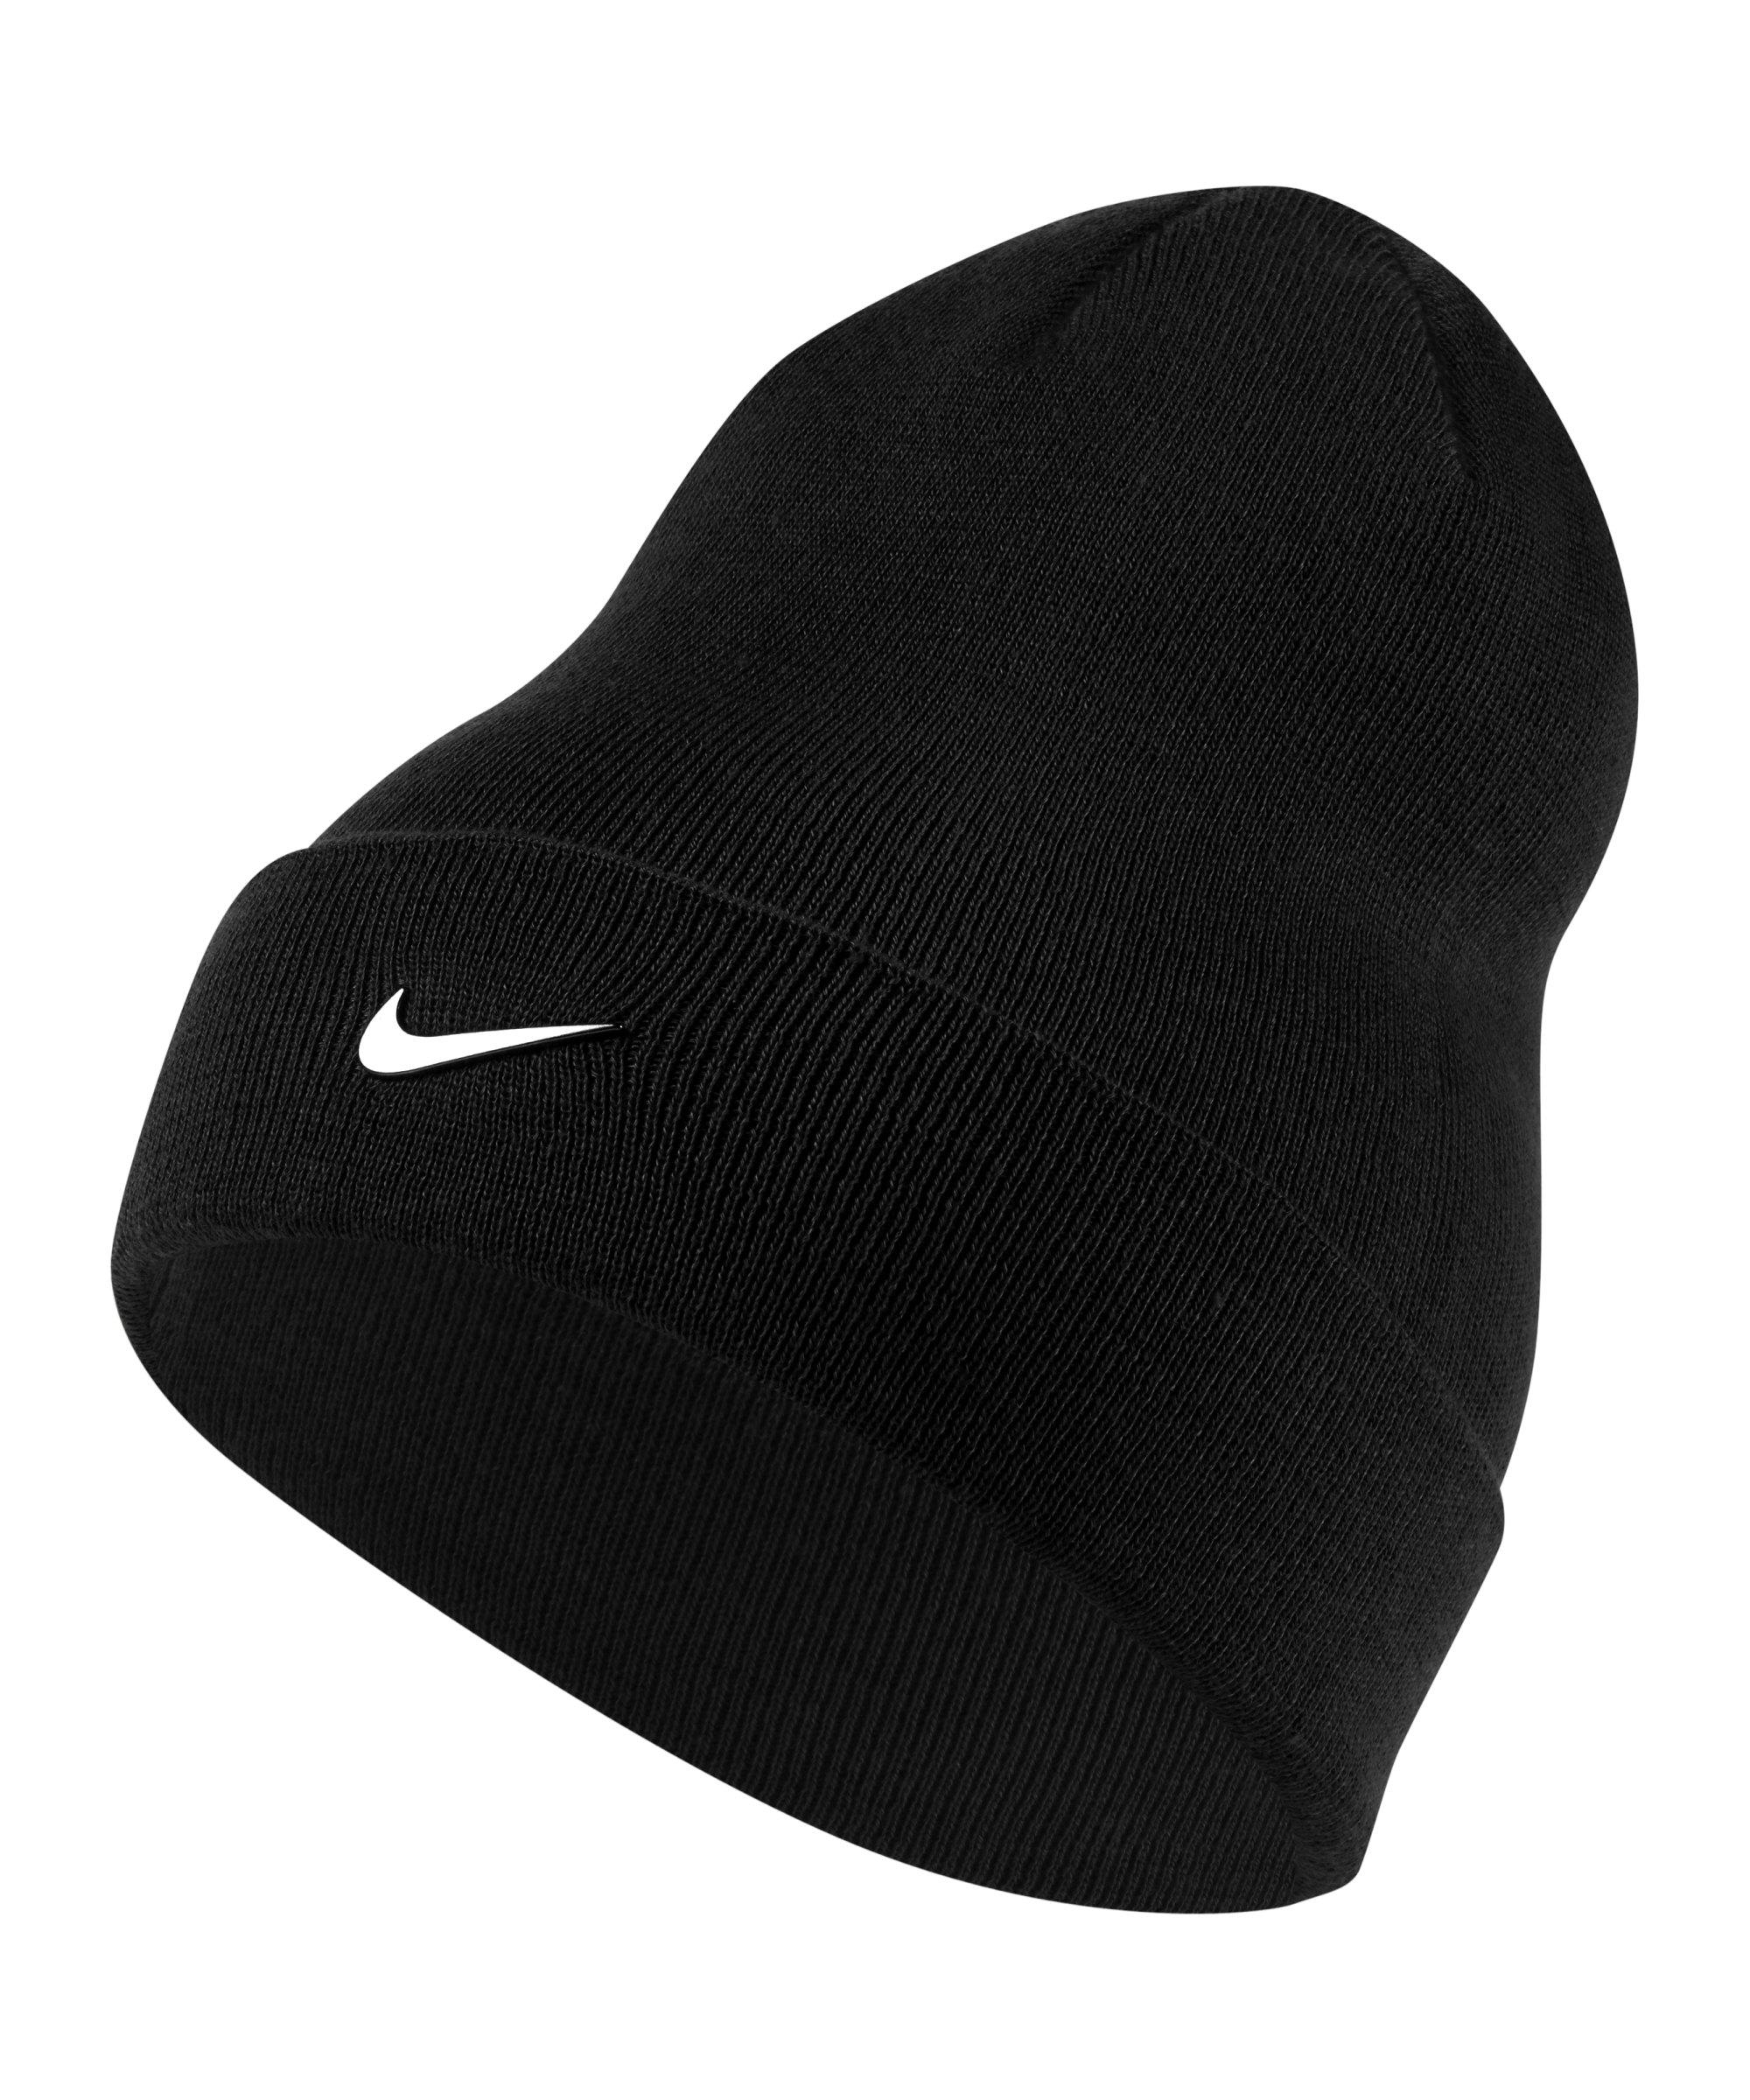 Nike Mütze Kids Schwarz F010 - schwarz